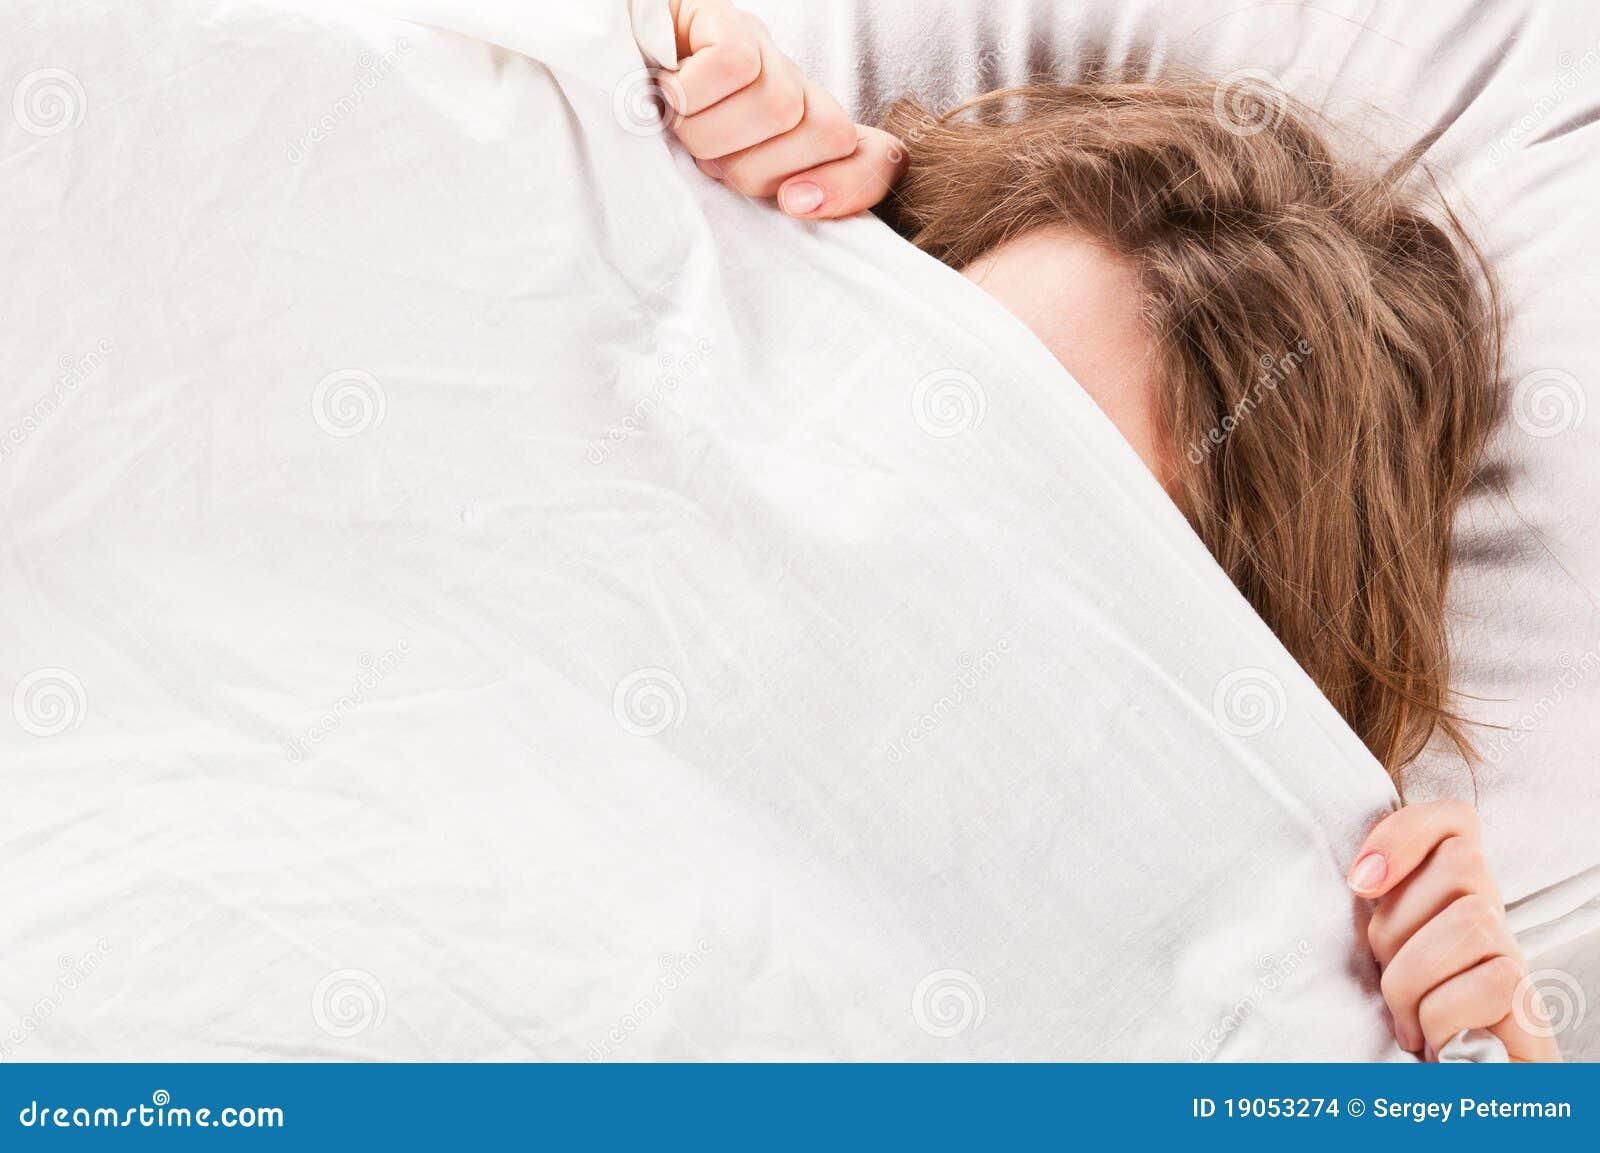 Что будет если залезть к парню под одеяло 4 фотография